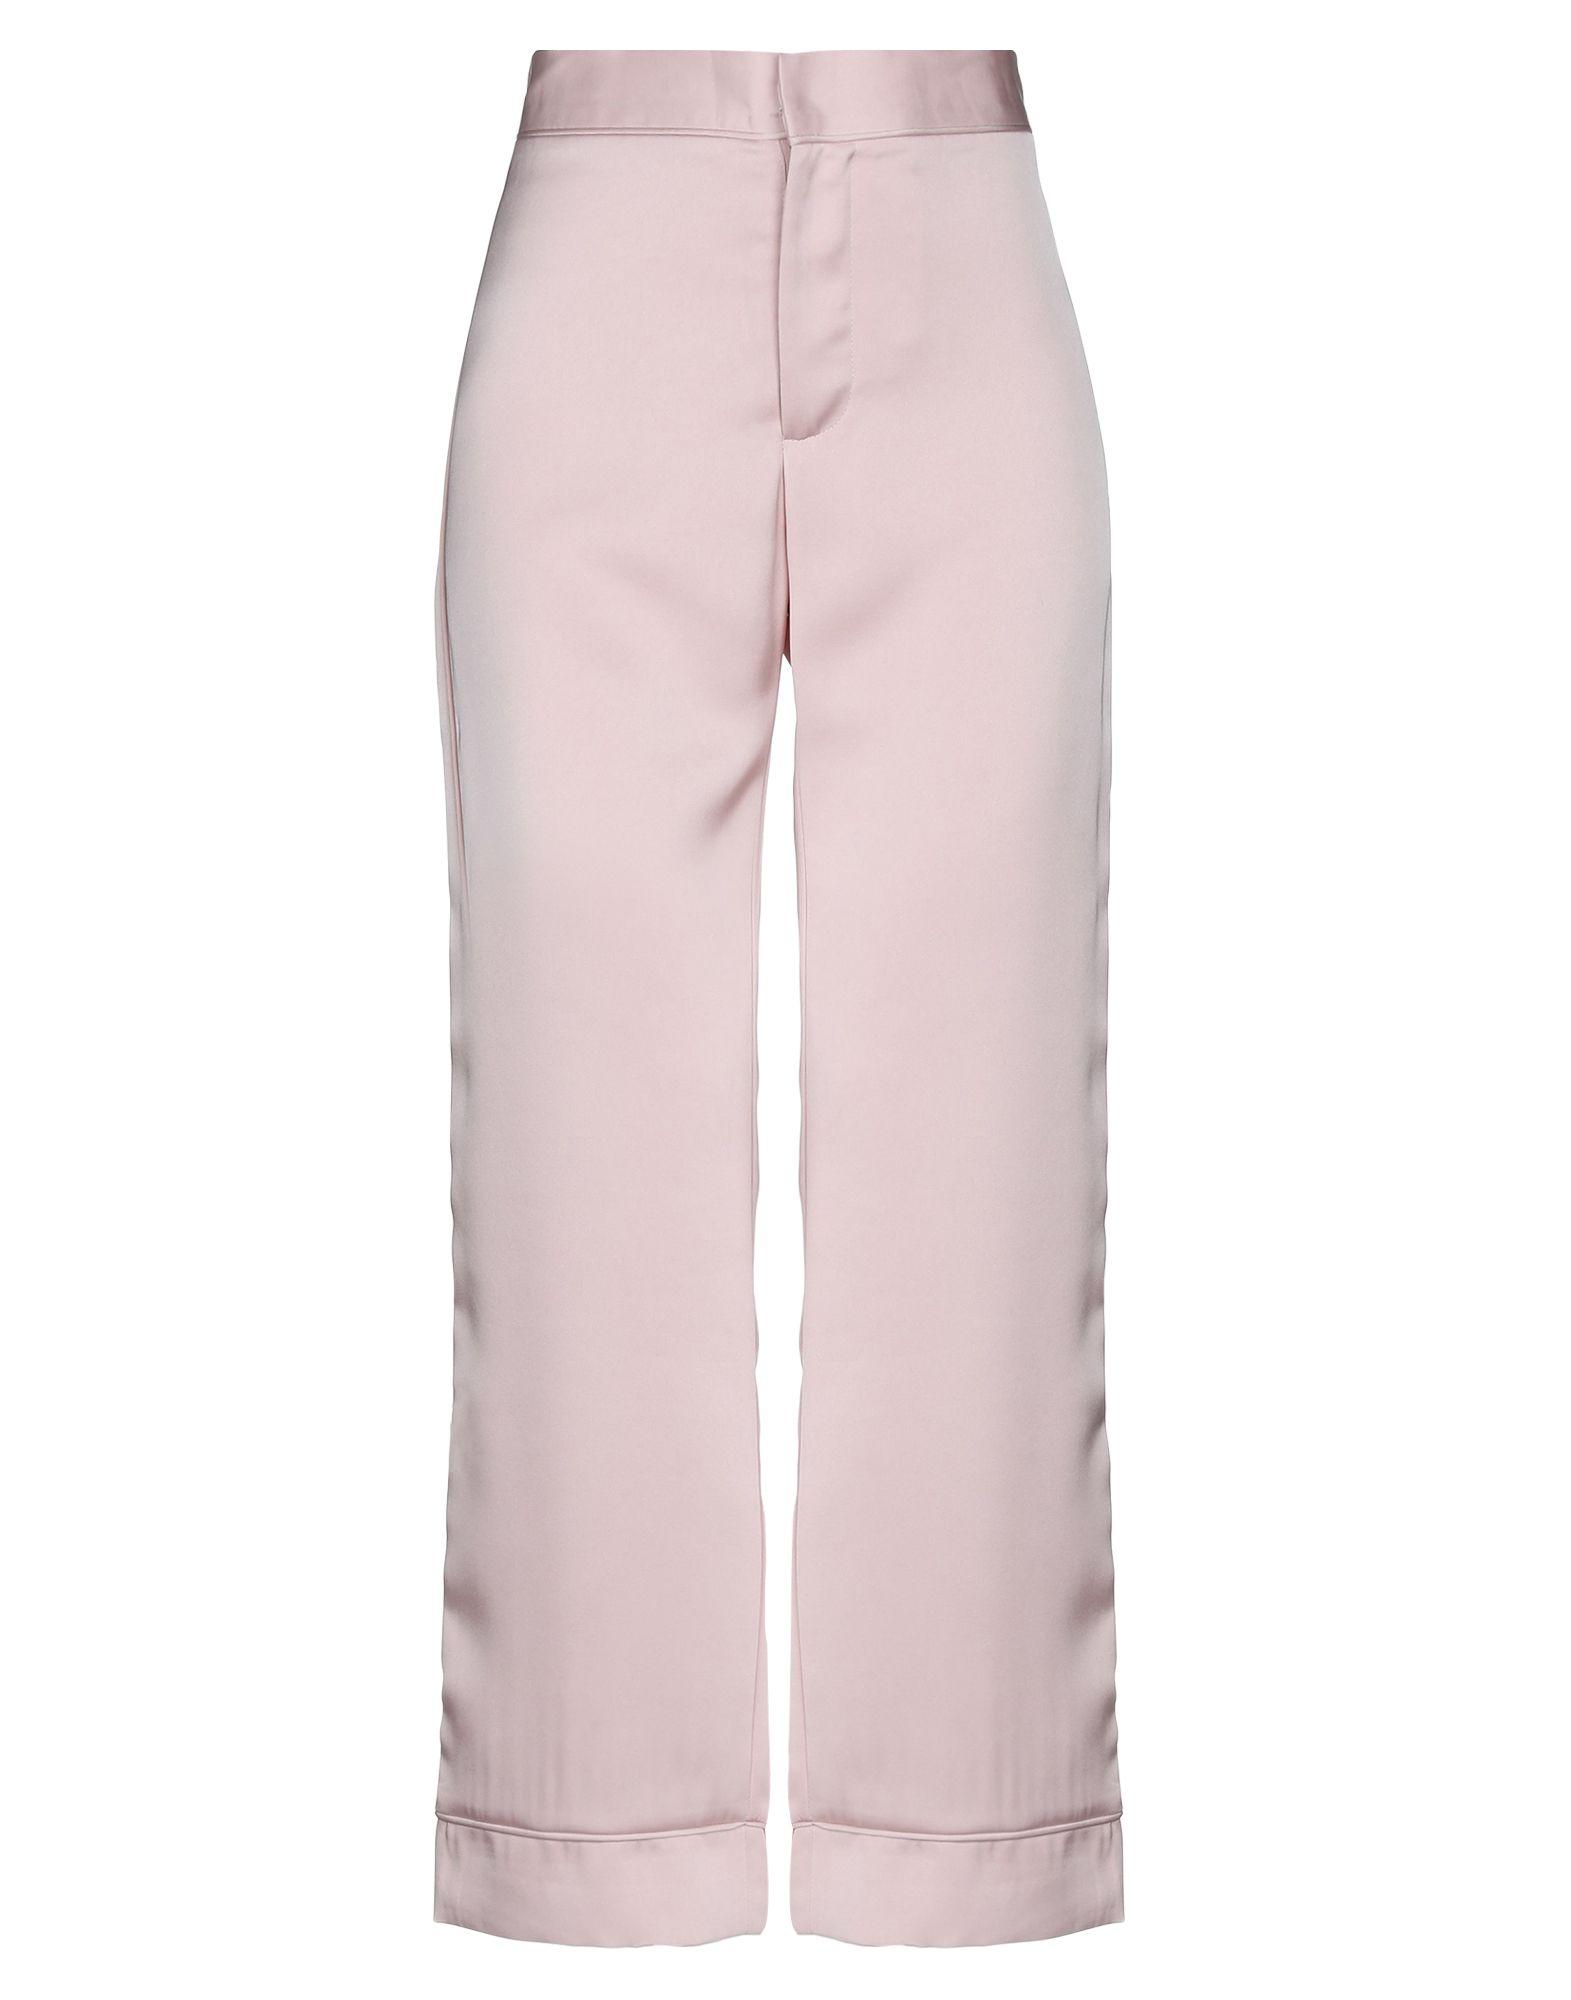 《セール開催中》BY MALINA レディース パンツ ピンク XS ポリエステル 100%